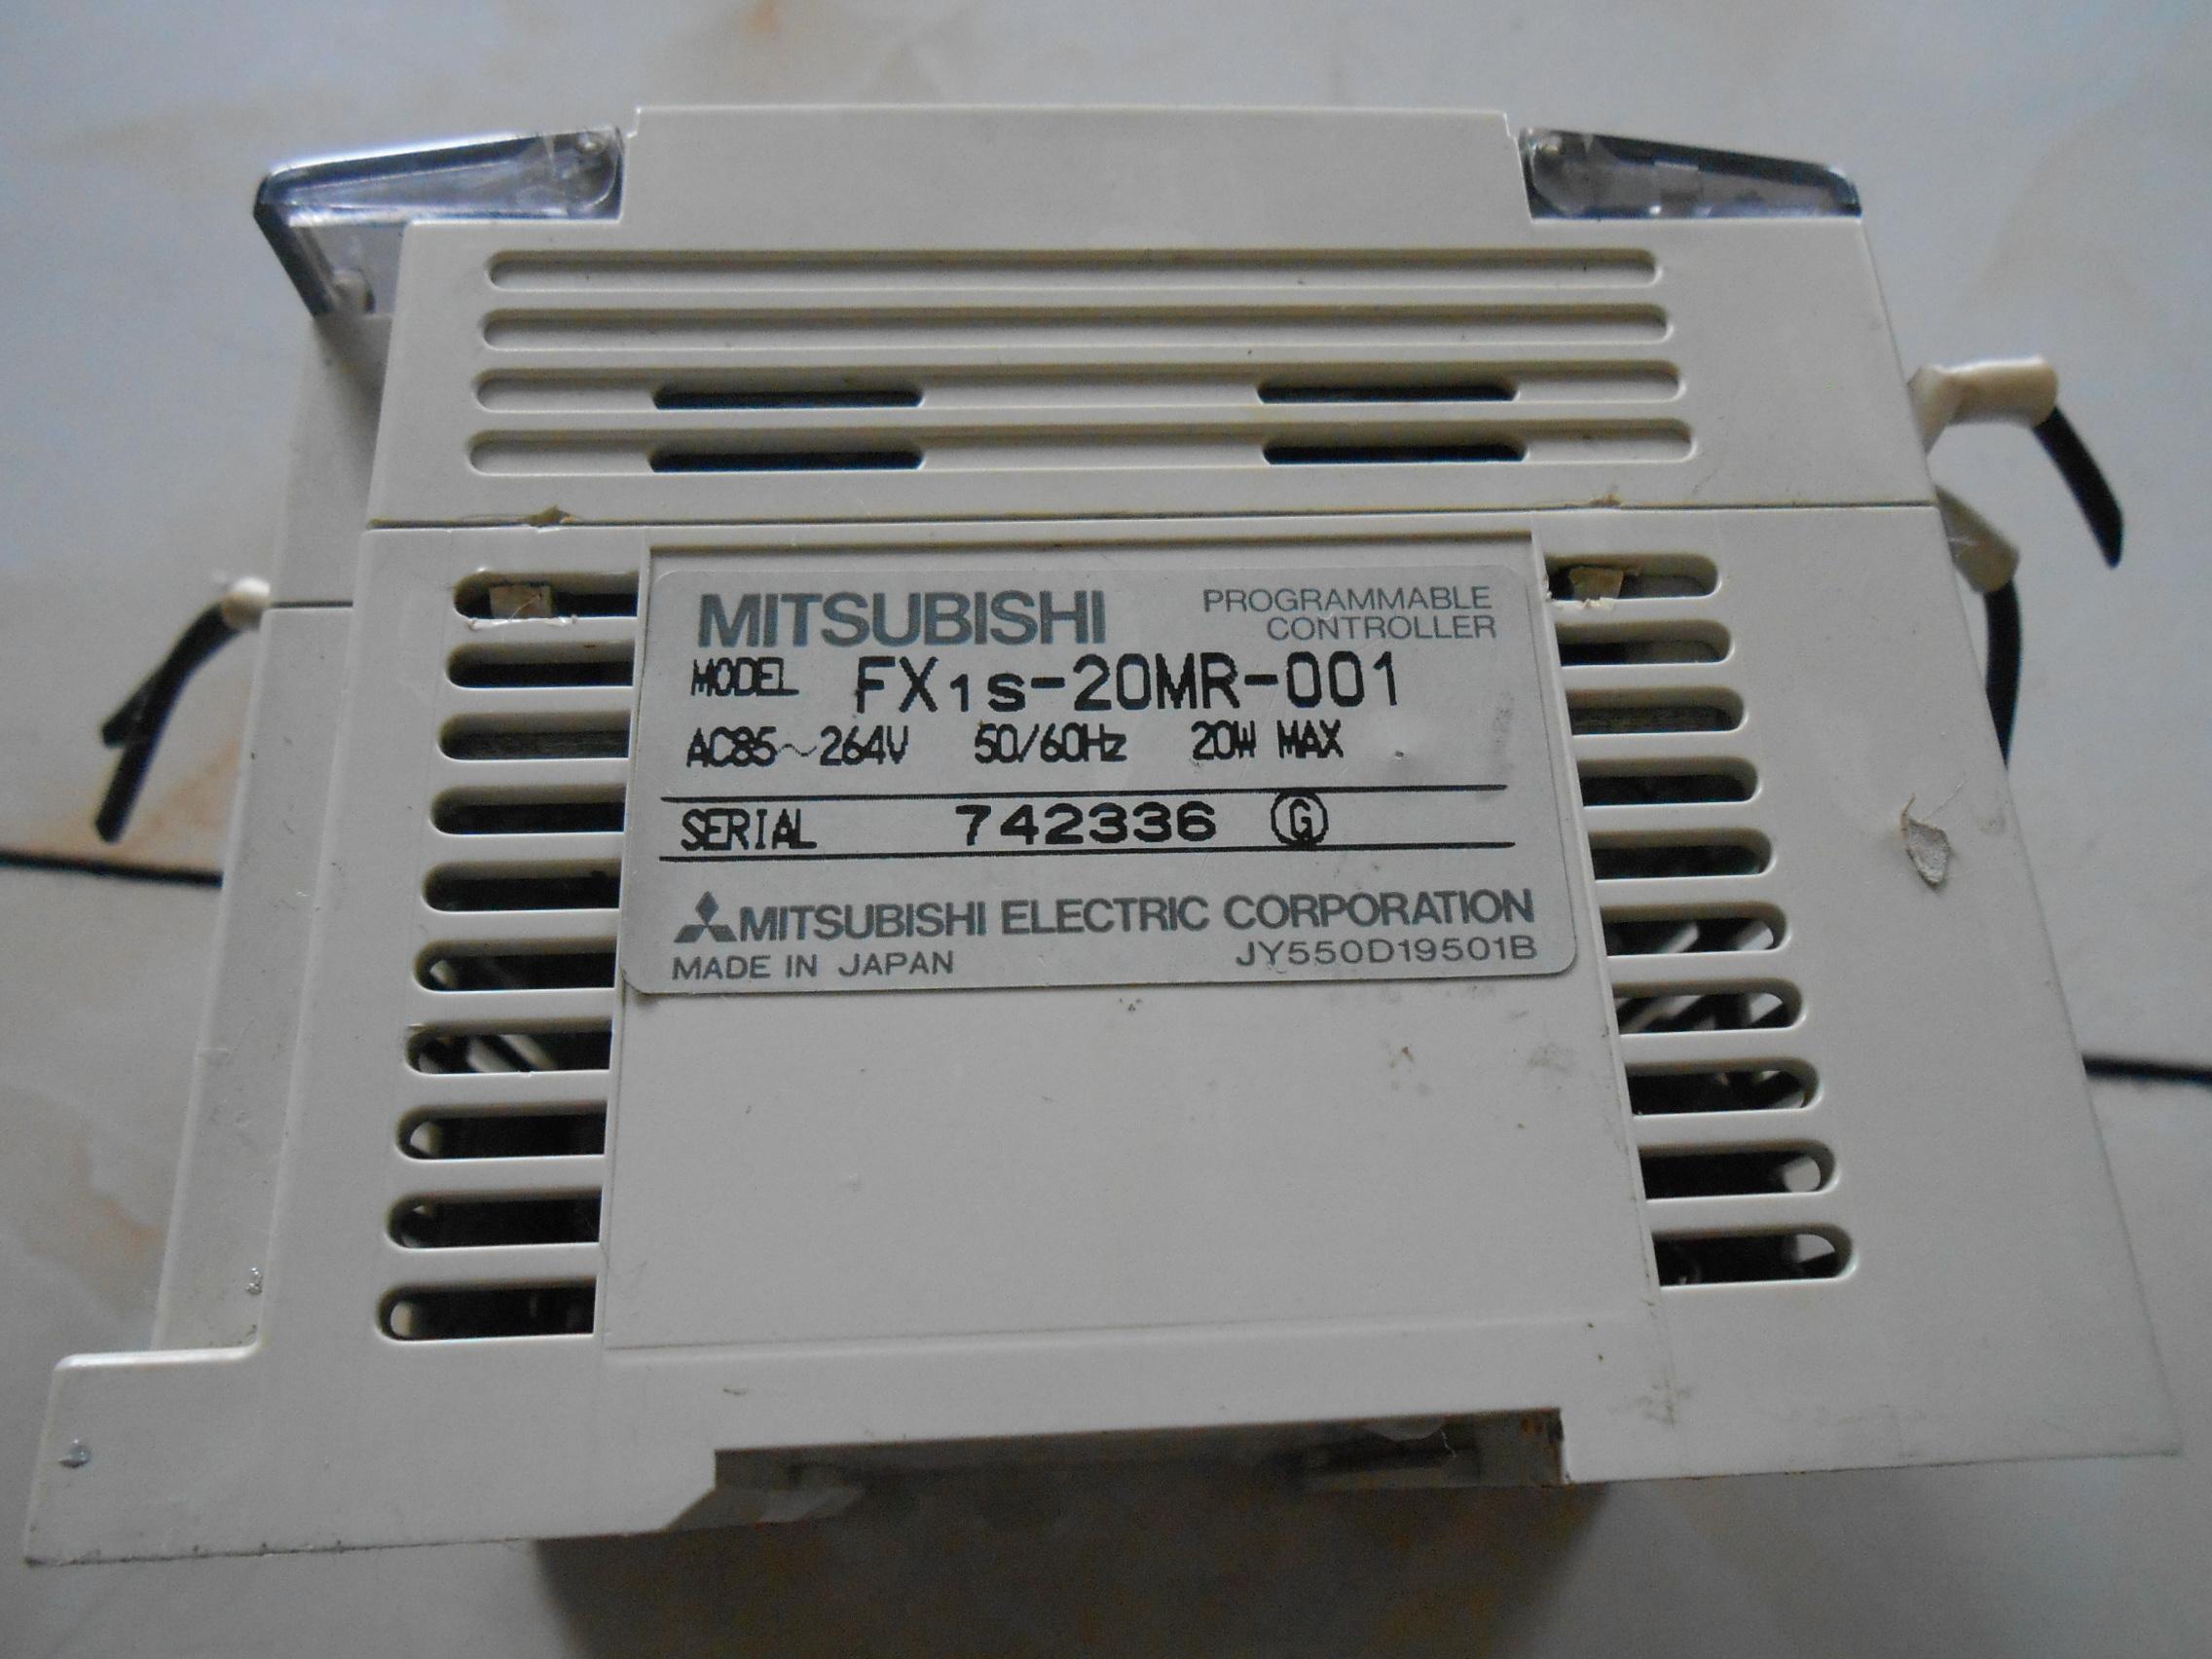 中古原装GEMAXの三菱PLCFX1S-20MR-001、本当